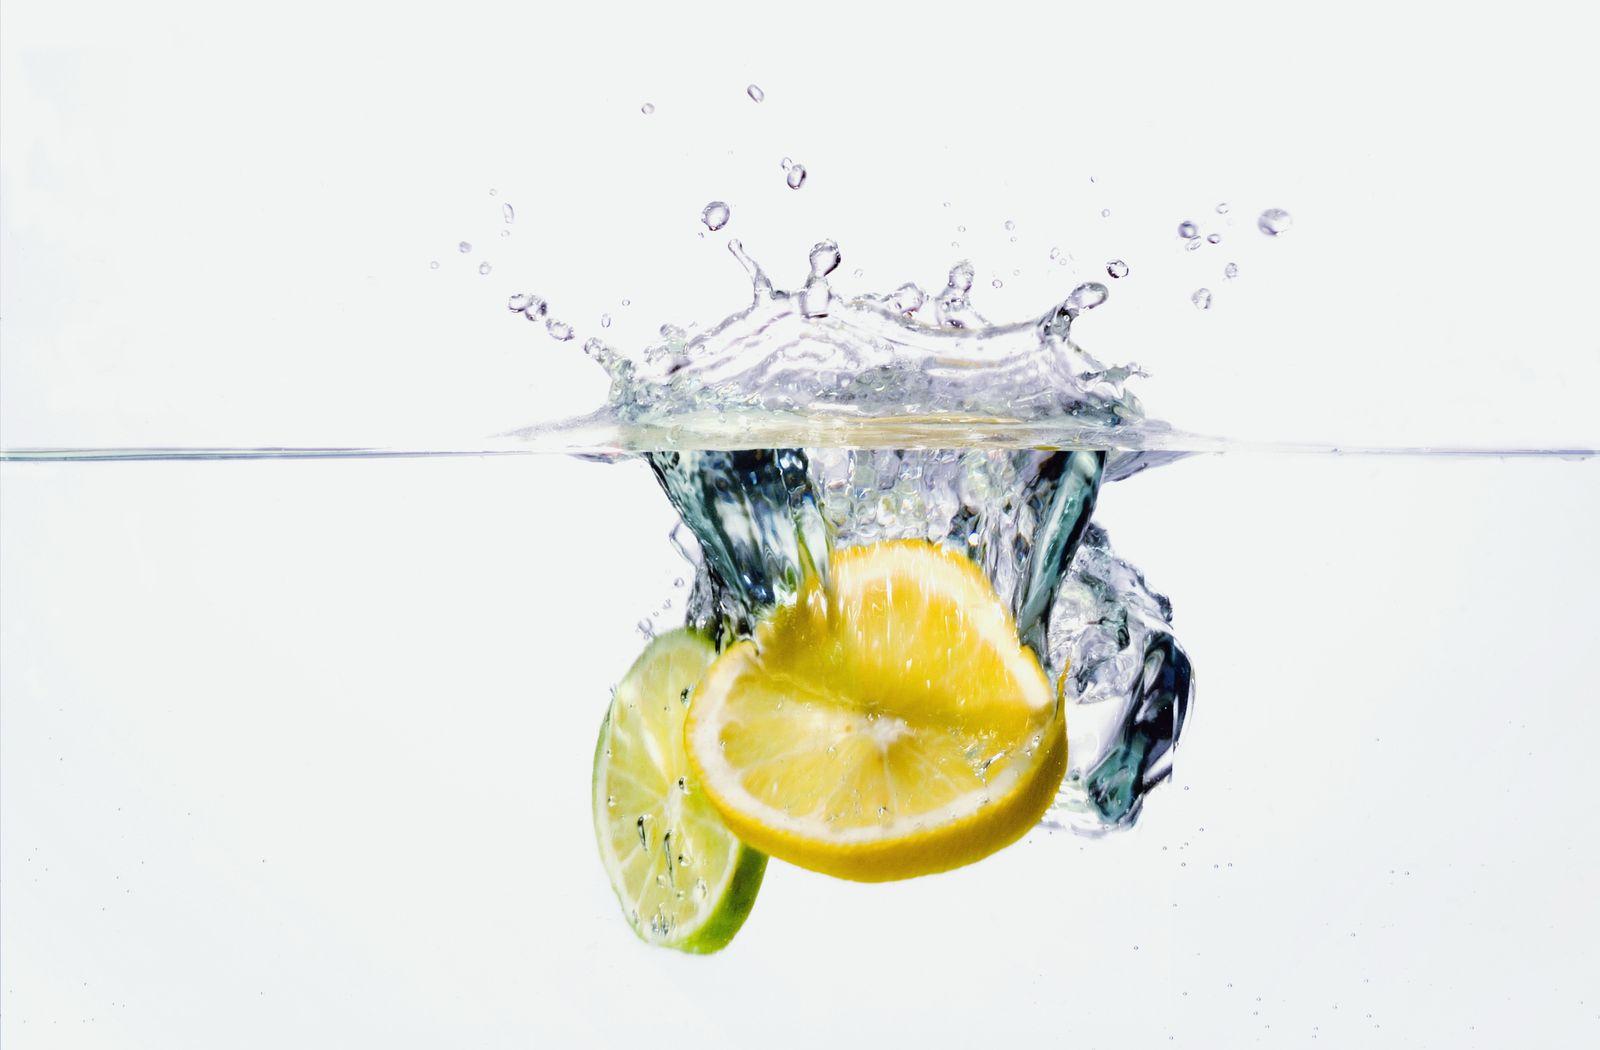 NICHT MEHR VERWENDEN! - Zitrone / Limette / Wasser